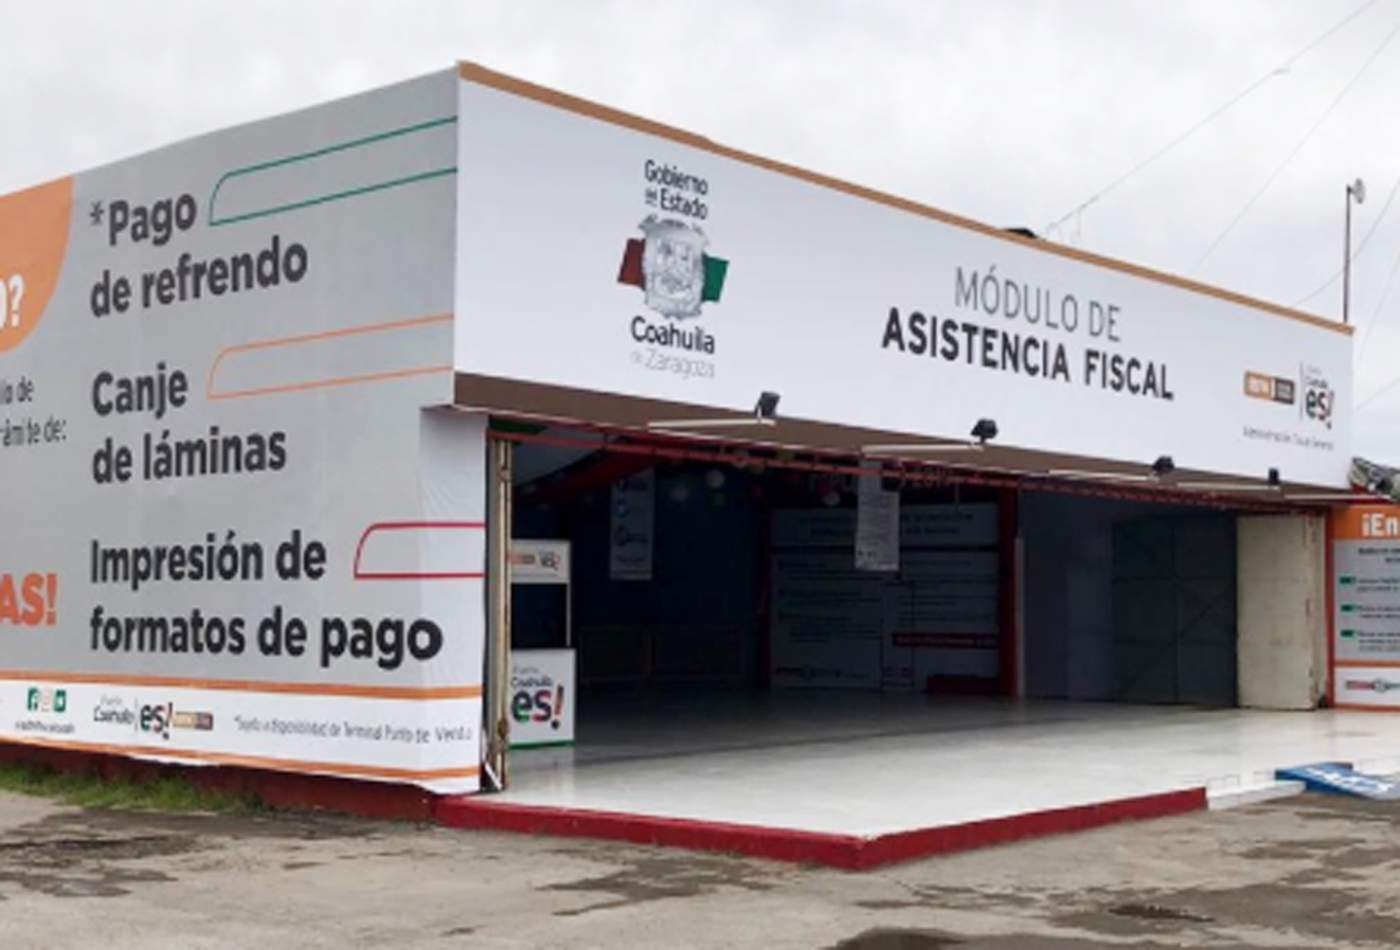 Instalan Mega Módulo De Asistencia Fiscal El Siglo De Torreón